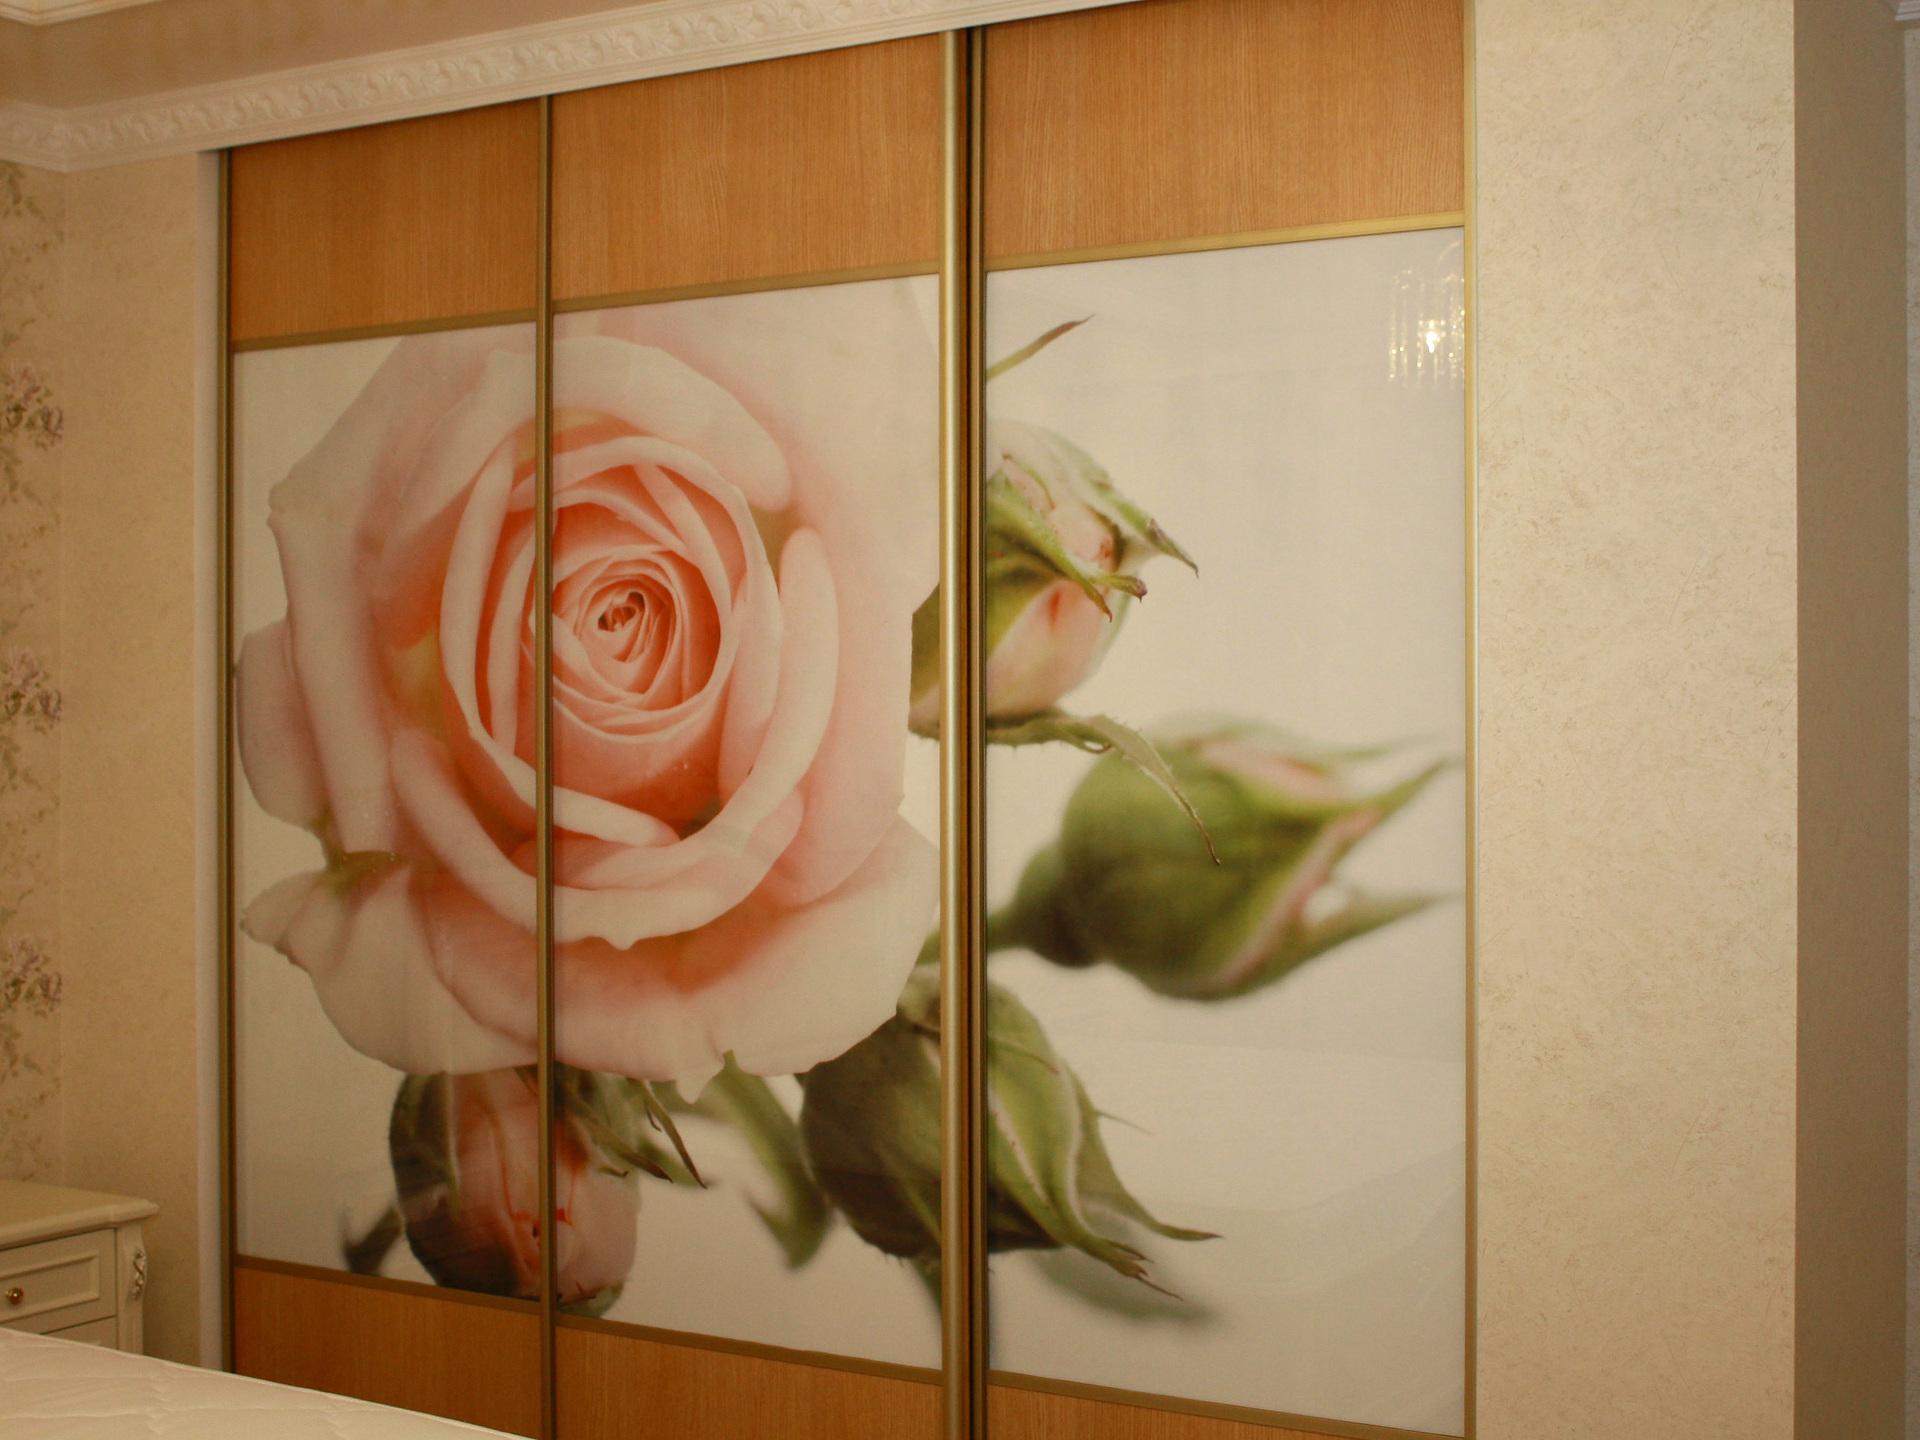 Шкаф-купе Цветы - корпусные Галерея по мебели на заказ и 11